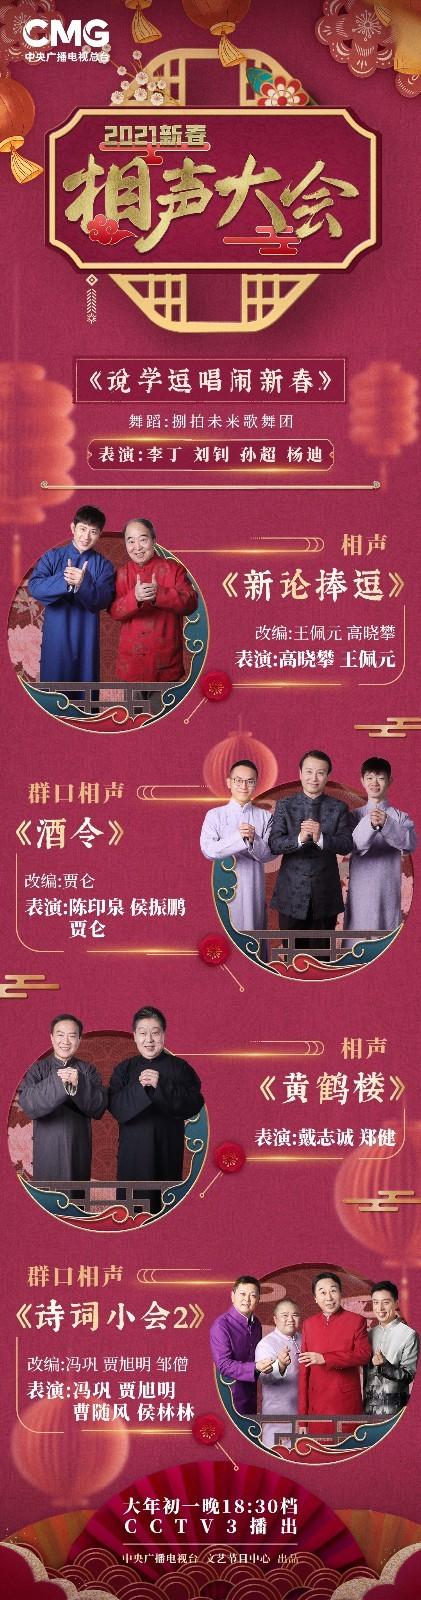 """《2021新春相声大会》第一期 大年初一火热开播:""""乱点鸳鸯谱""""经典出新意"""